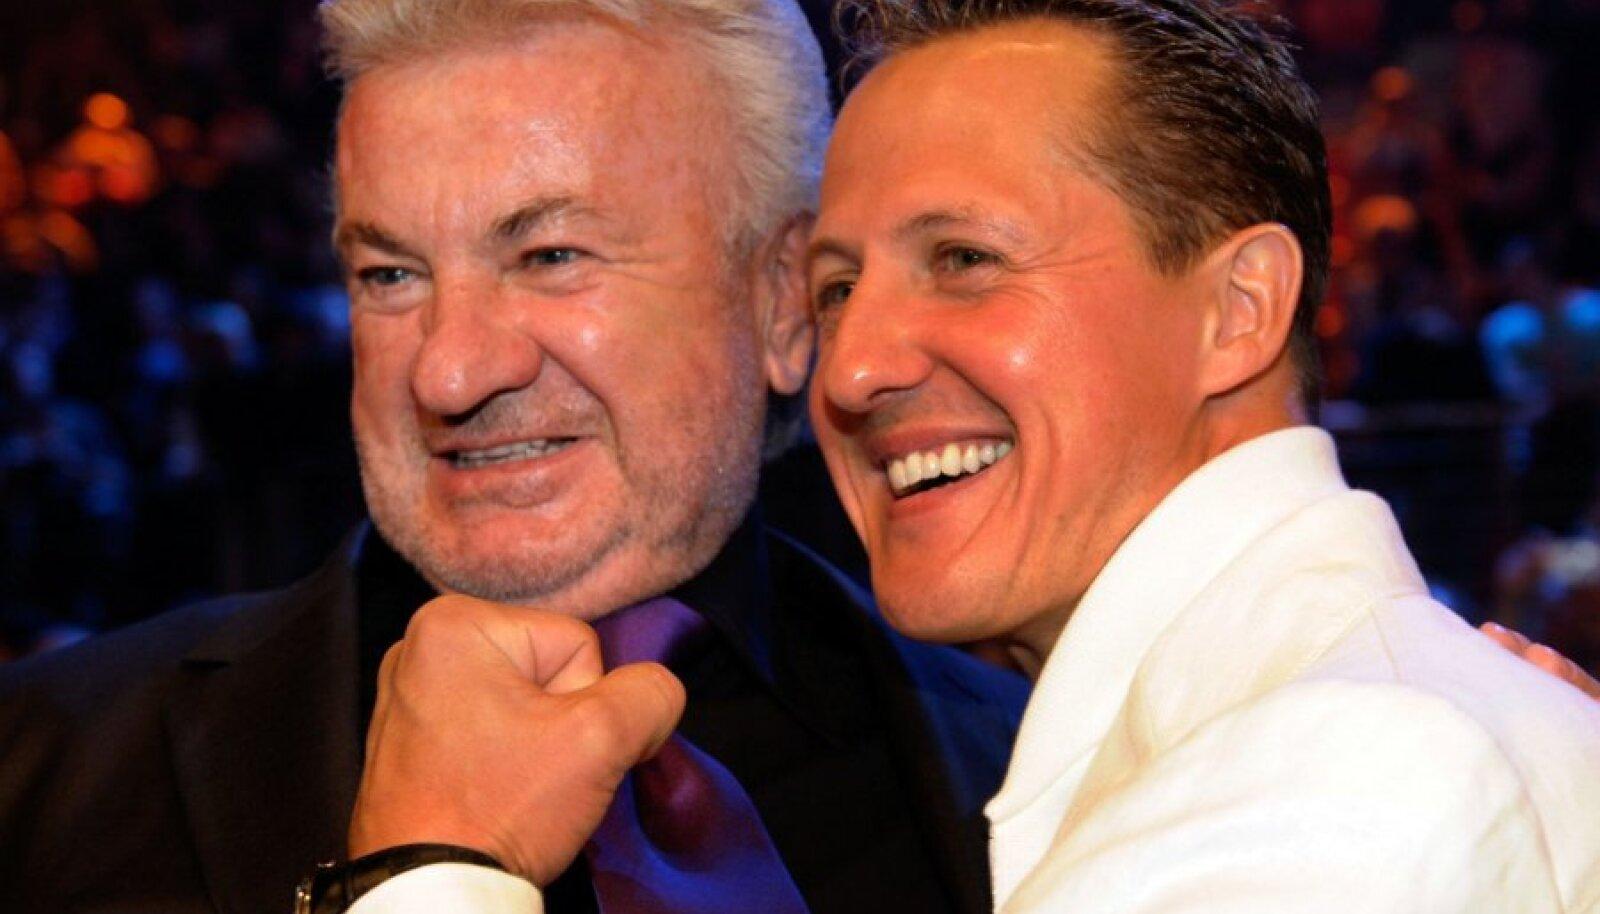 Willi Weber ja Michael Schumacher 2009. aastal Nürburgringil peetud poksi tiitlimatši vaatamas.